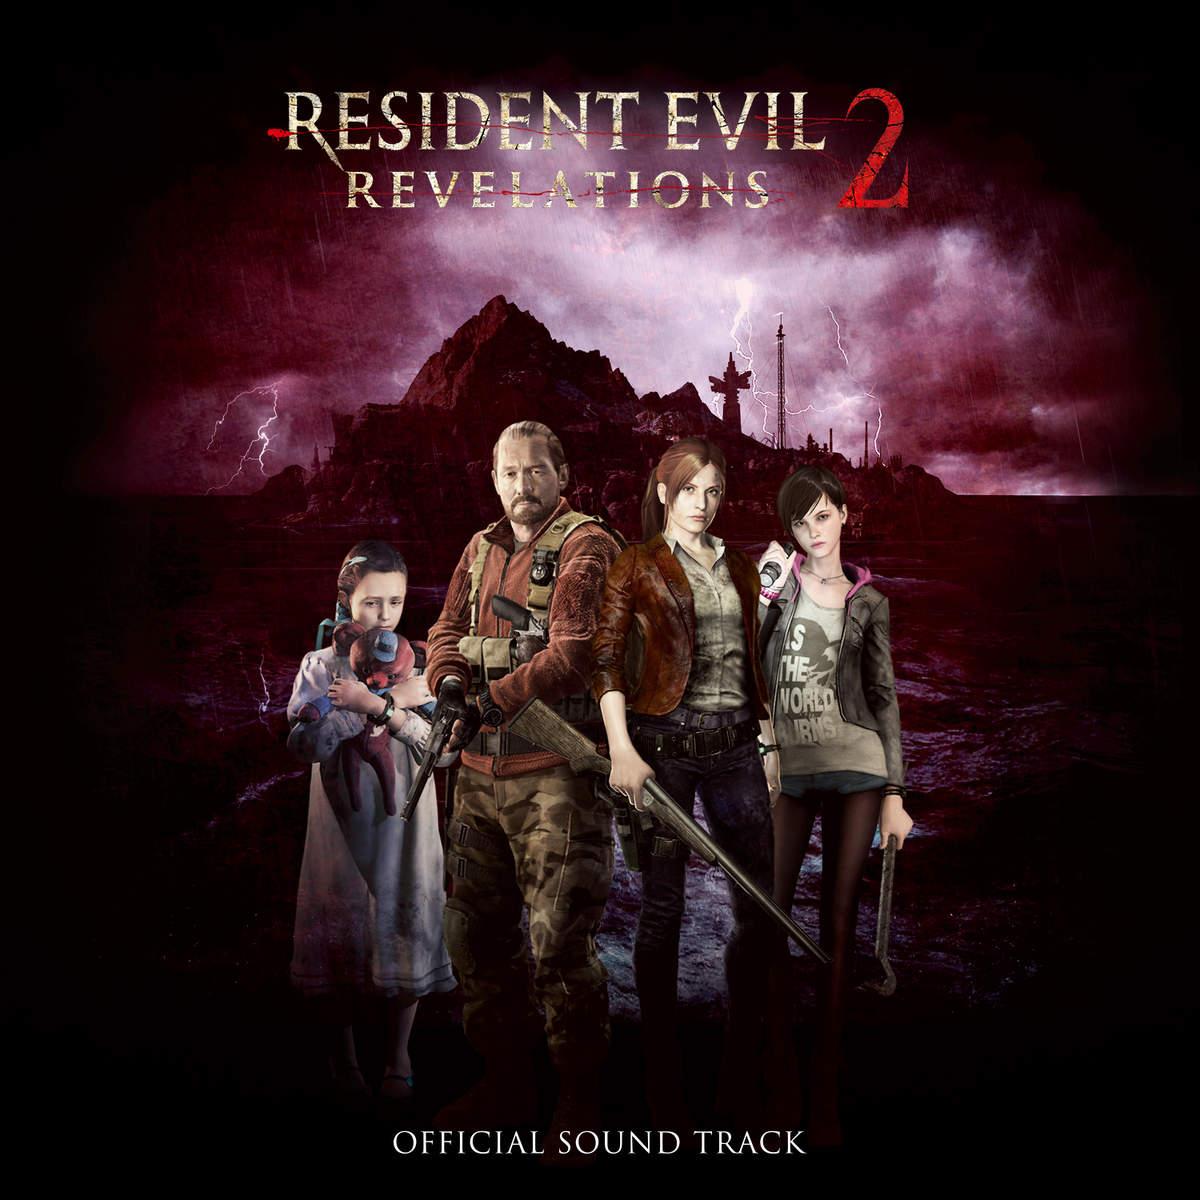 Resident_Evil_Revelations_2_Official_Soundtrack__cover1200x1200.jpg